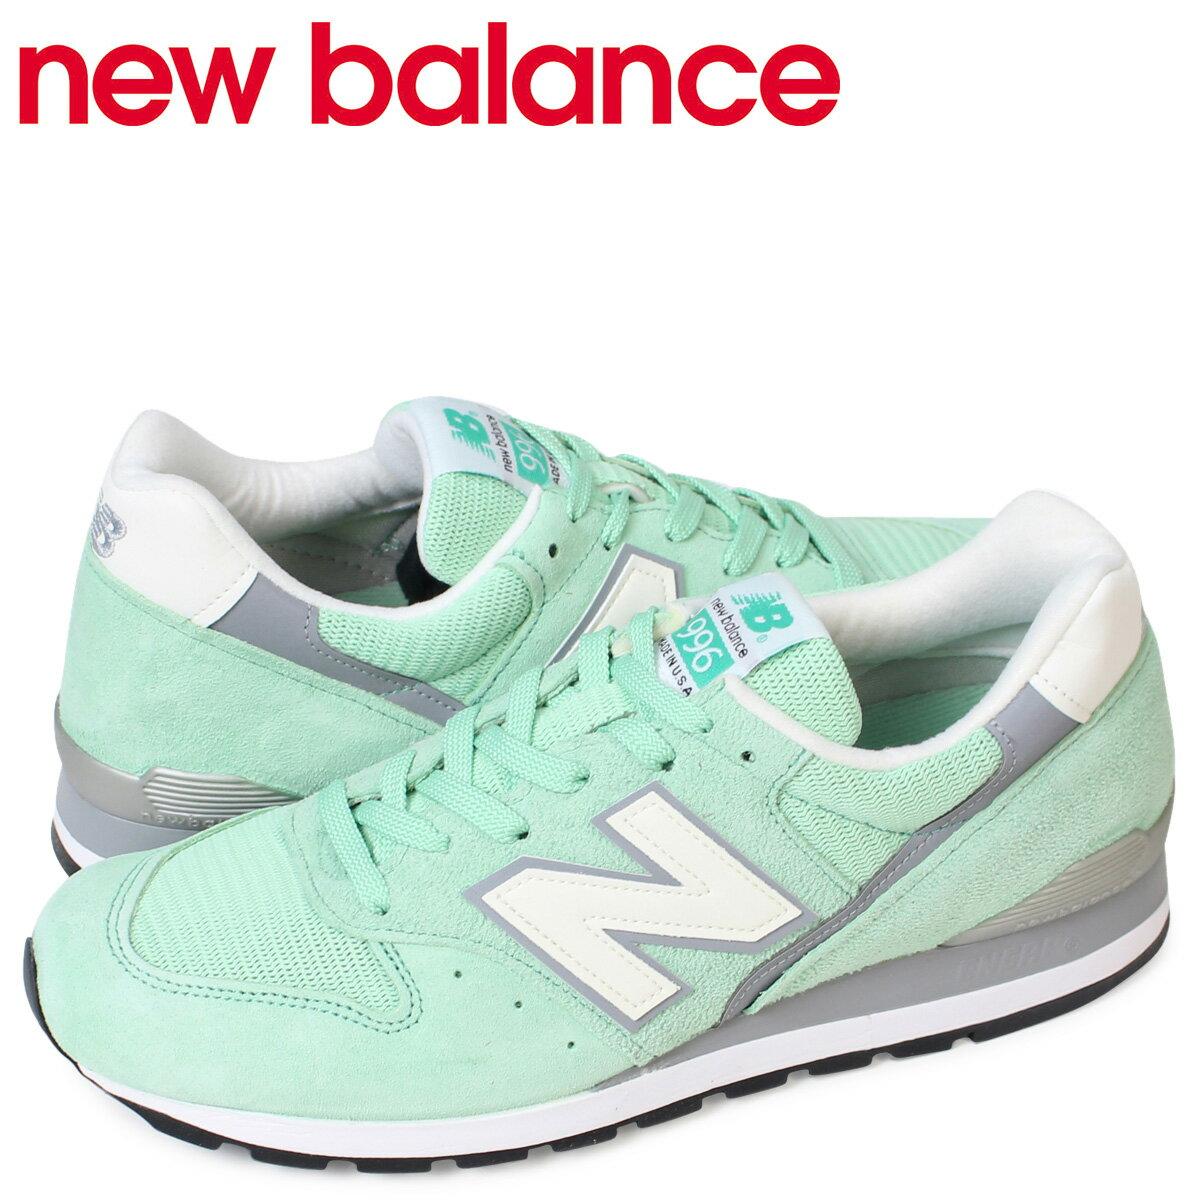 new balance 996 メンズ ニューバランス スニーカー M996CPS Dワイズ MADE IN USA 靴 ターコイズ